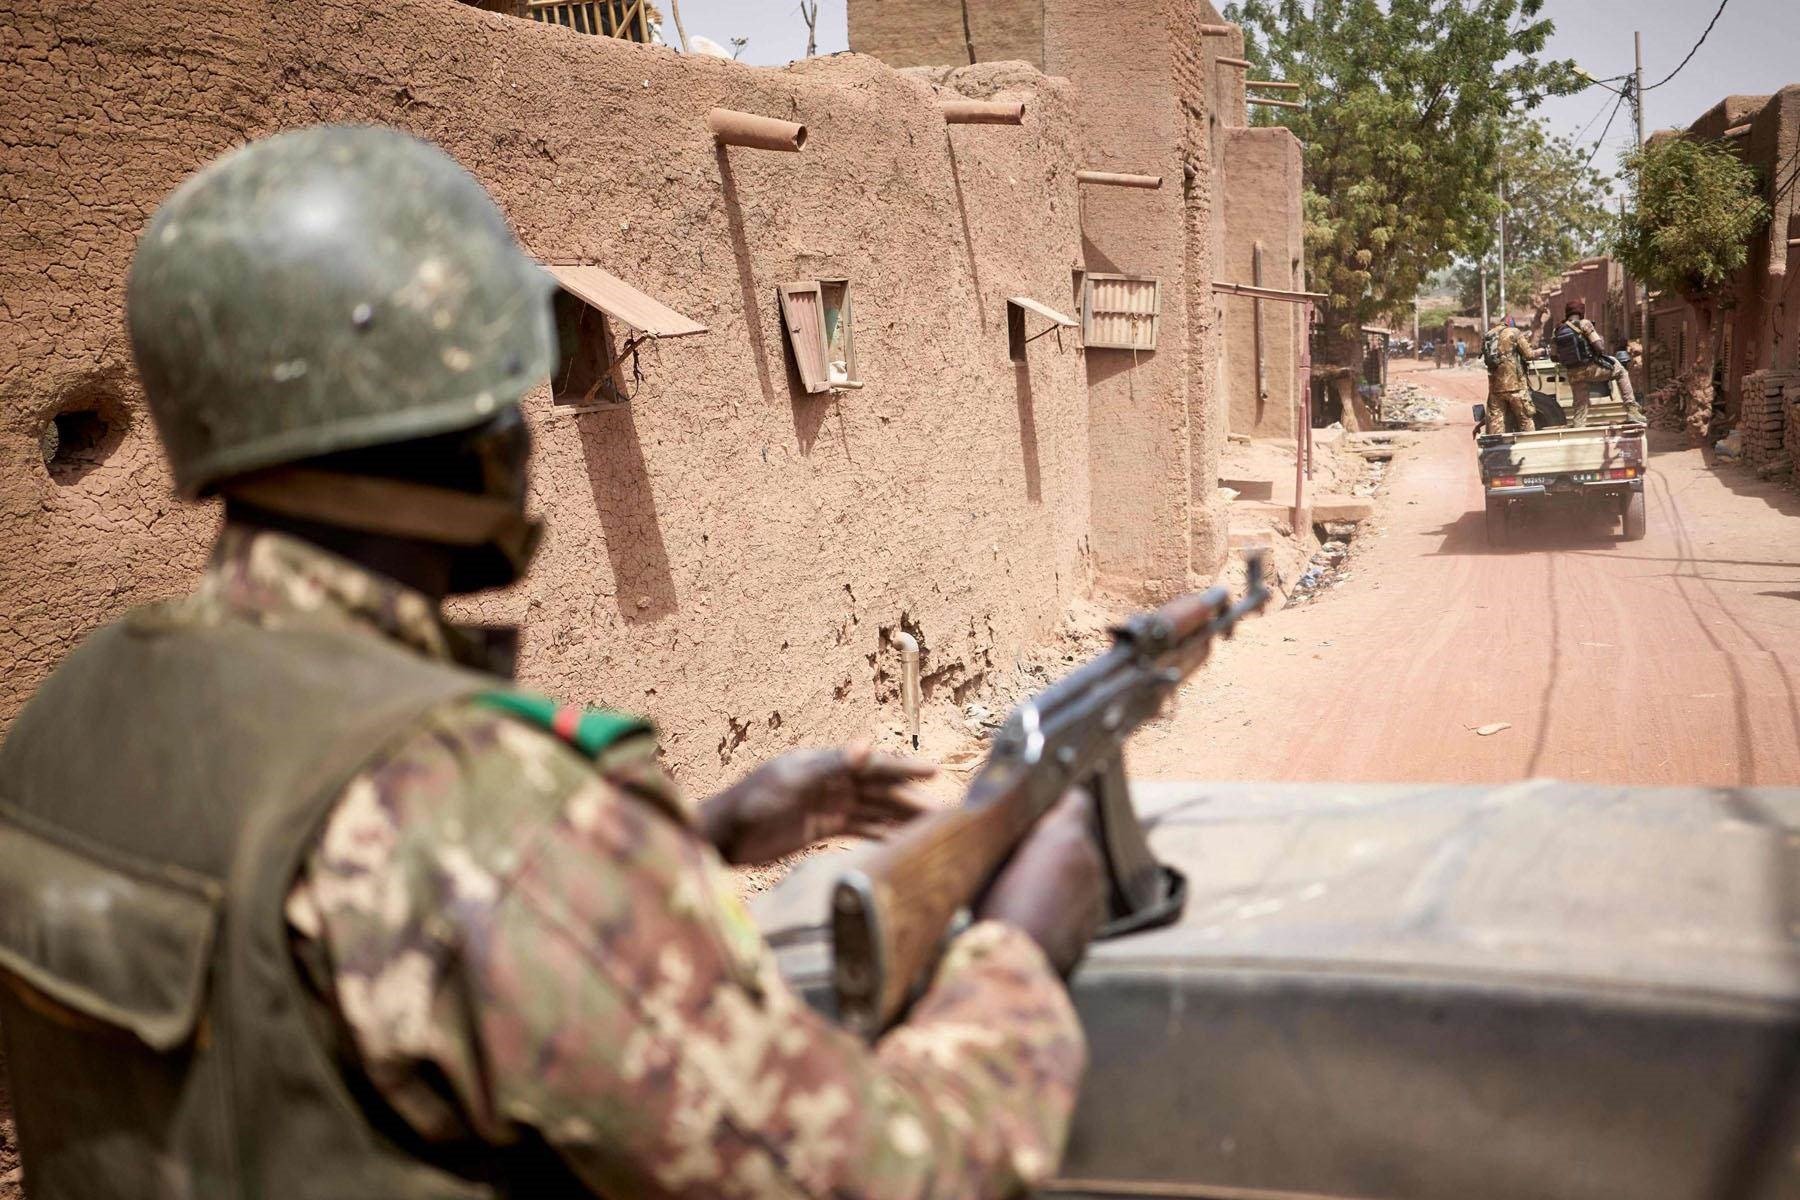 هولندا تؤكد تعليق الاتحاد الأوروبي مهامه التدريبية في مالي